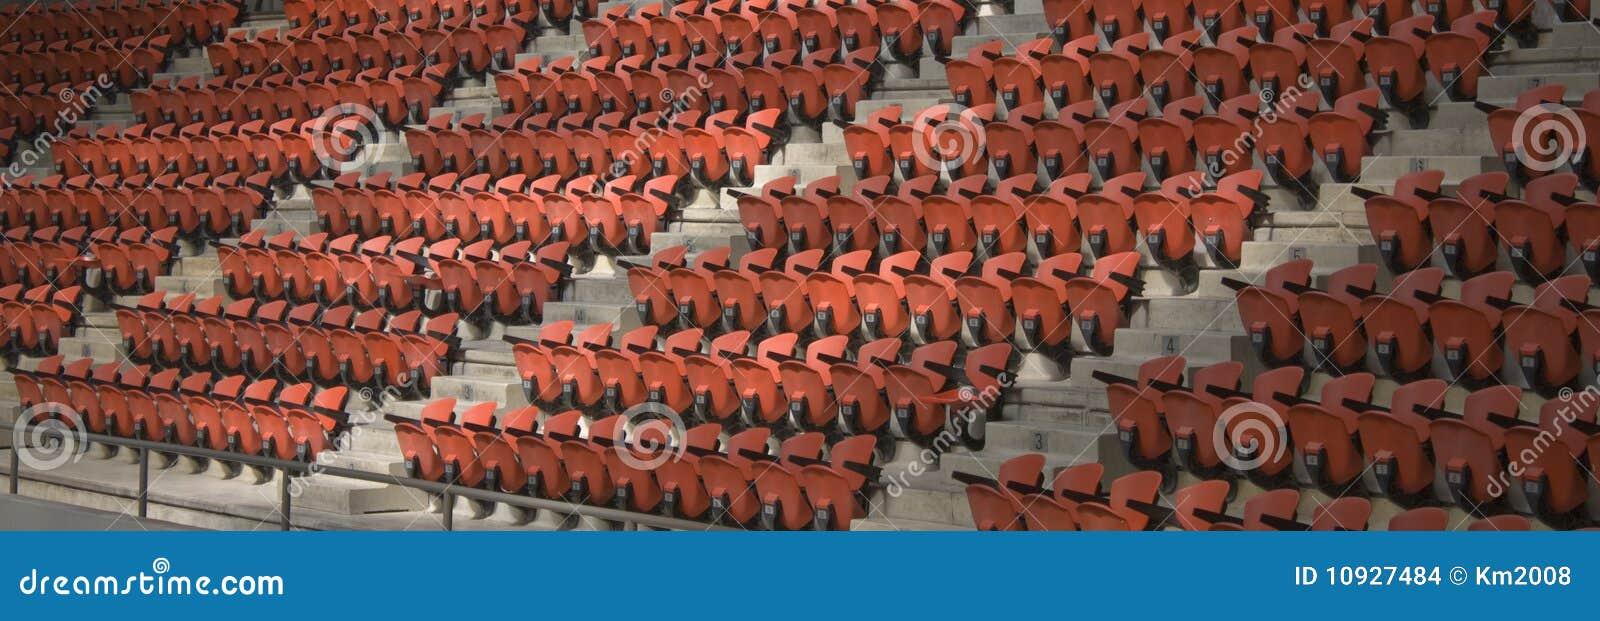 места арены